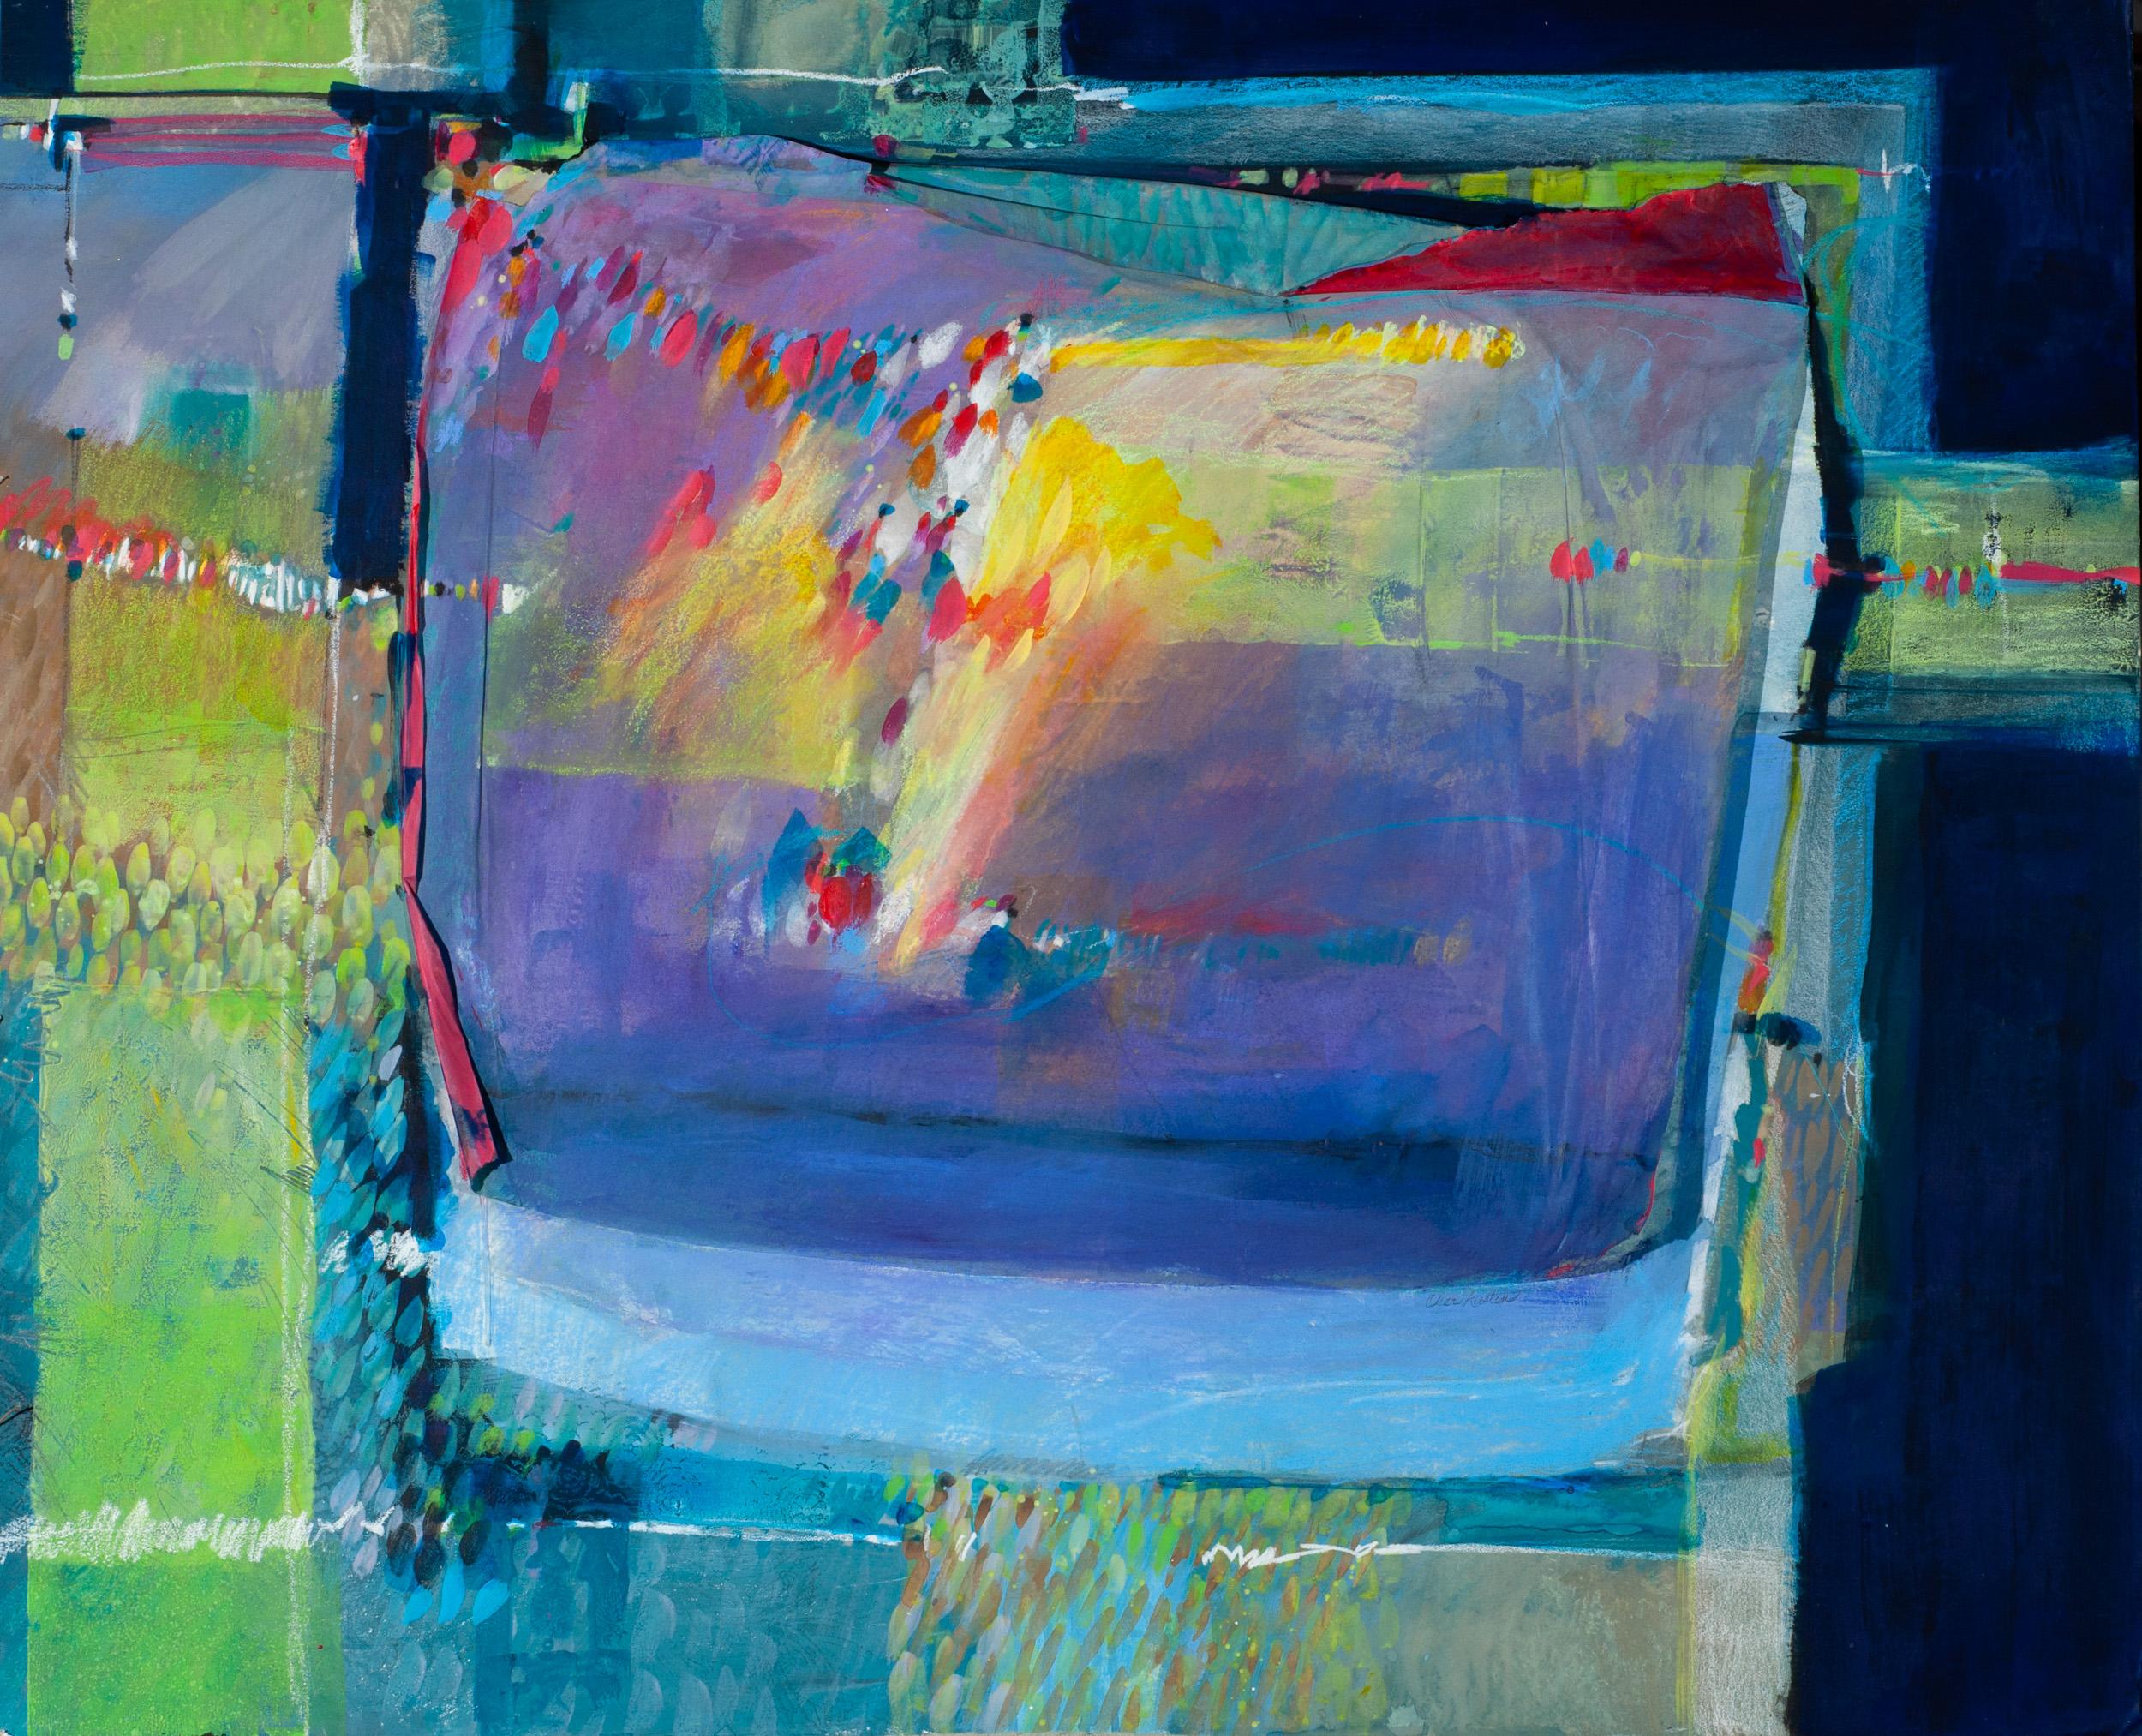 2019-04-14-Paintings-4.jpg